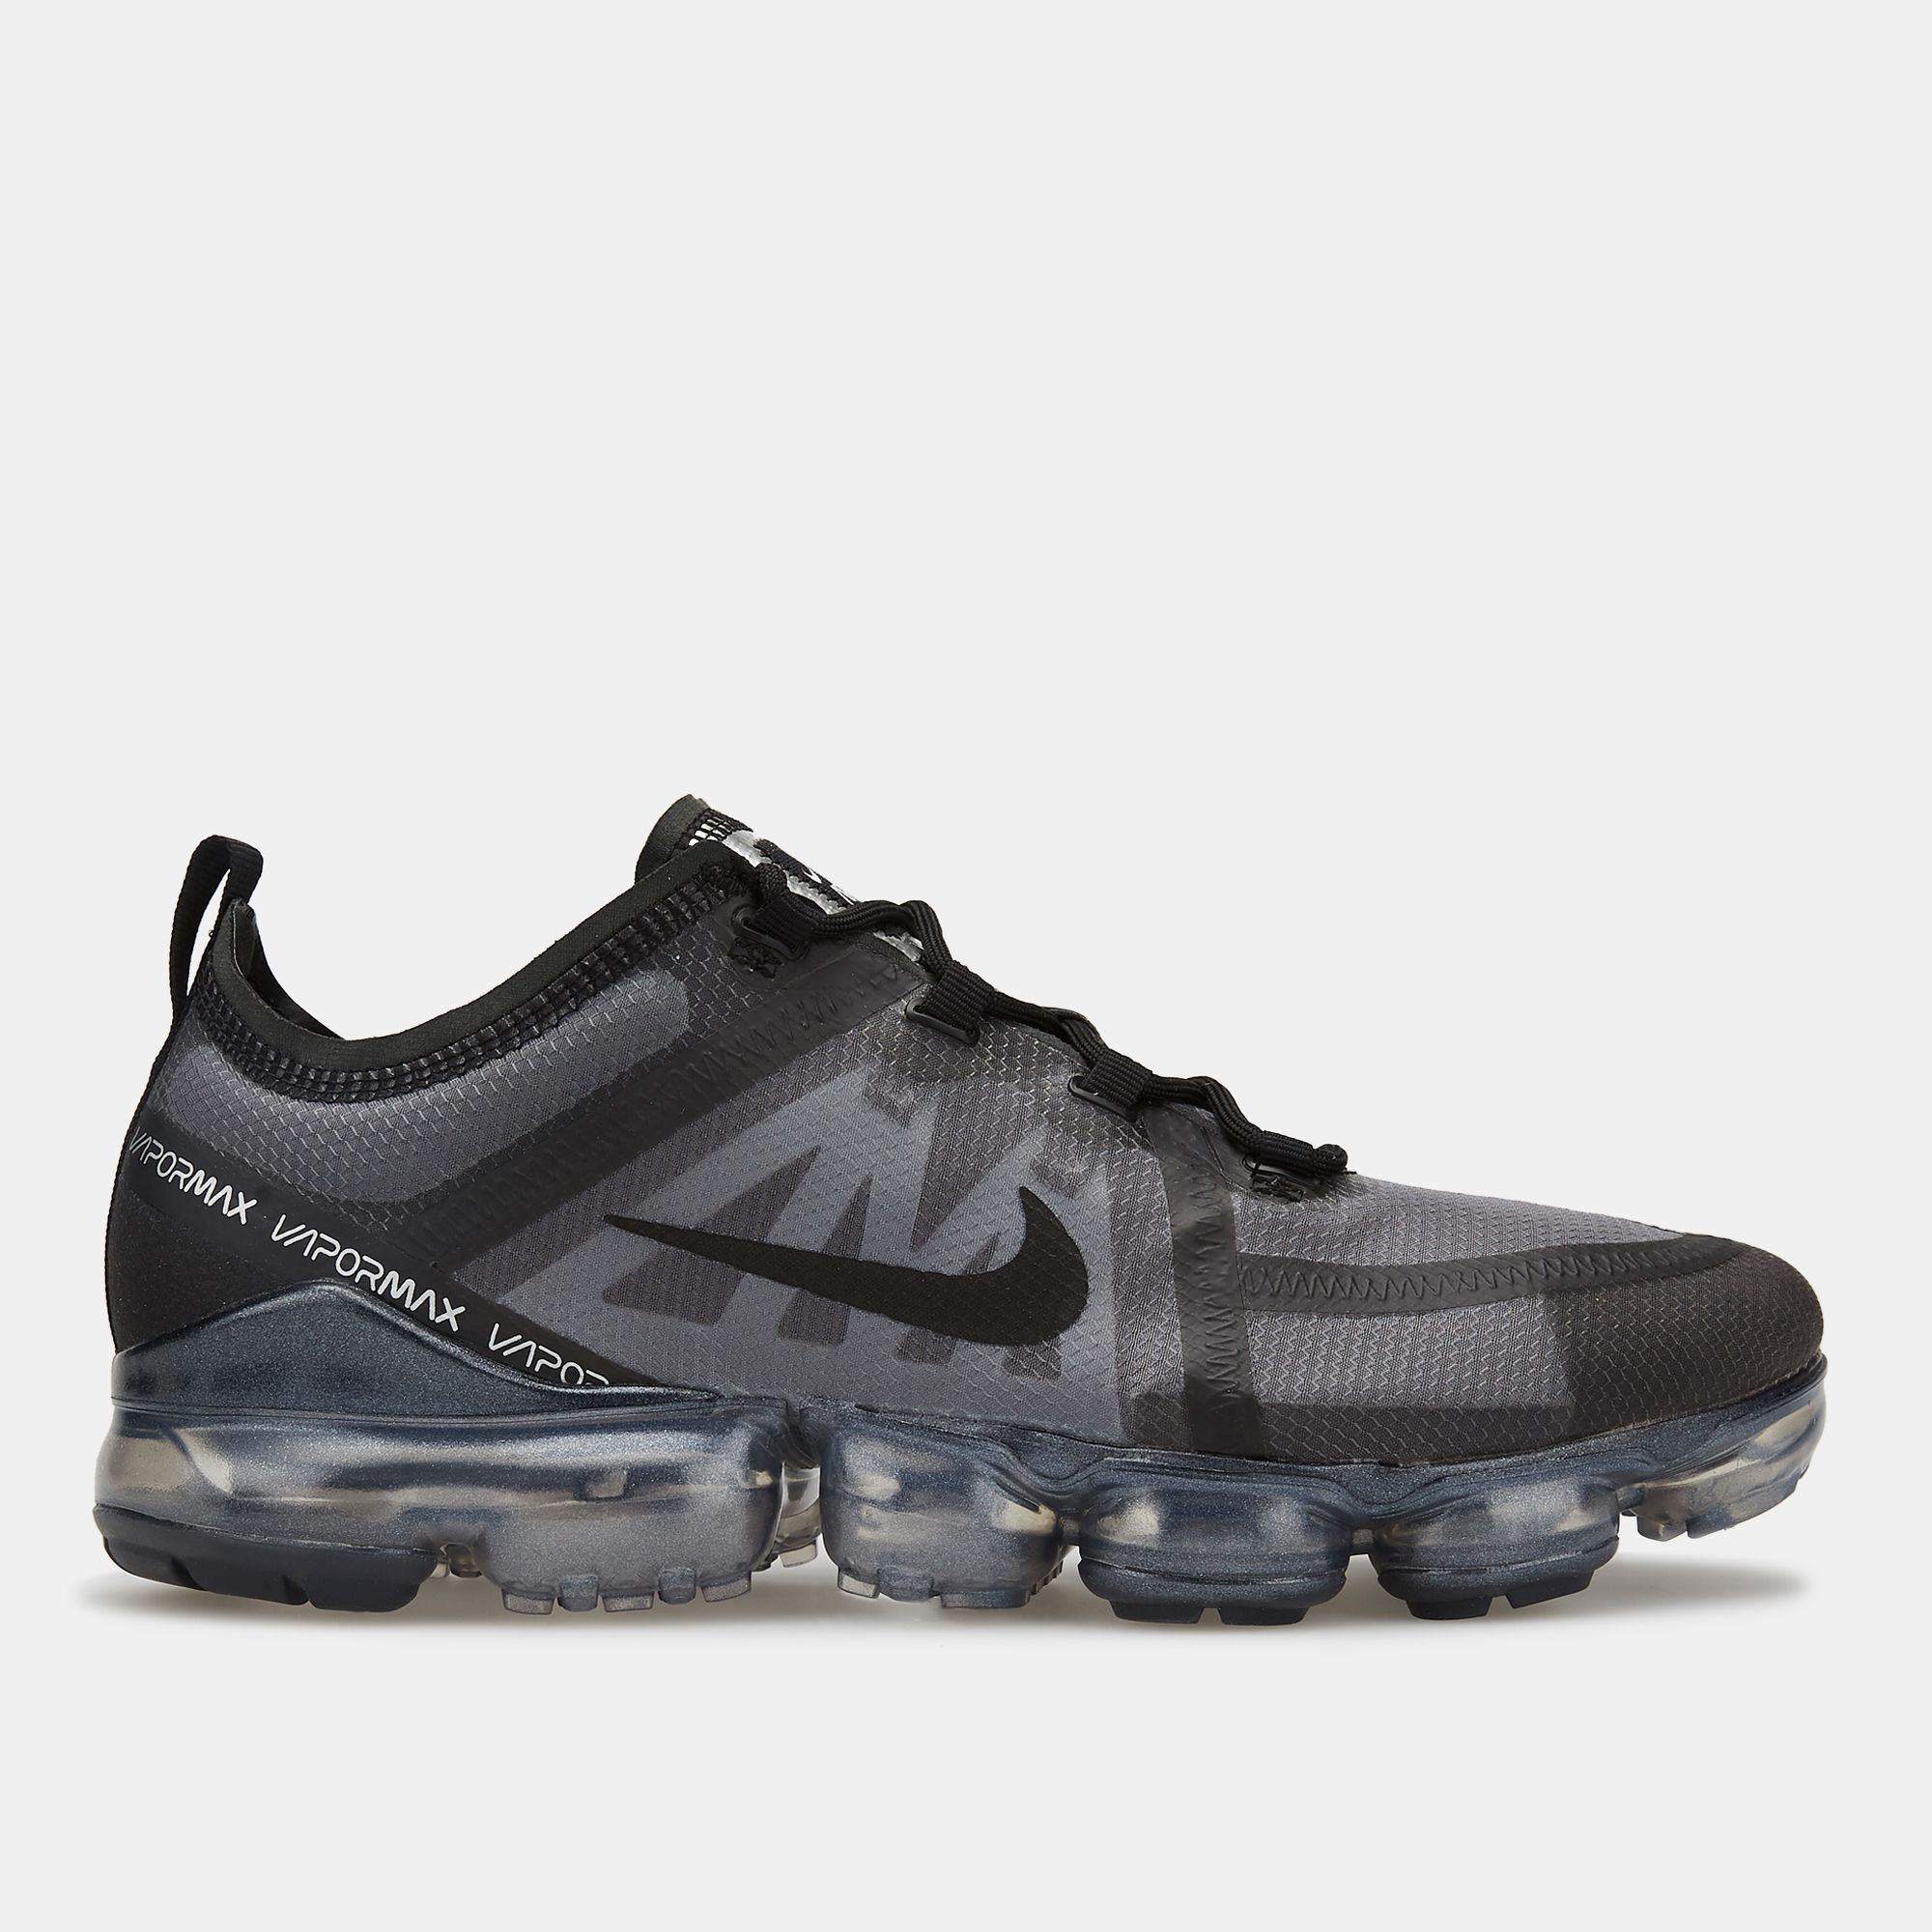 timeless design 89e1f 04485 Nike Men's Air Vapormax 2019 Shoe